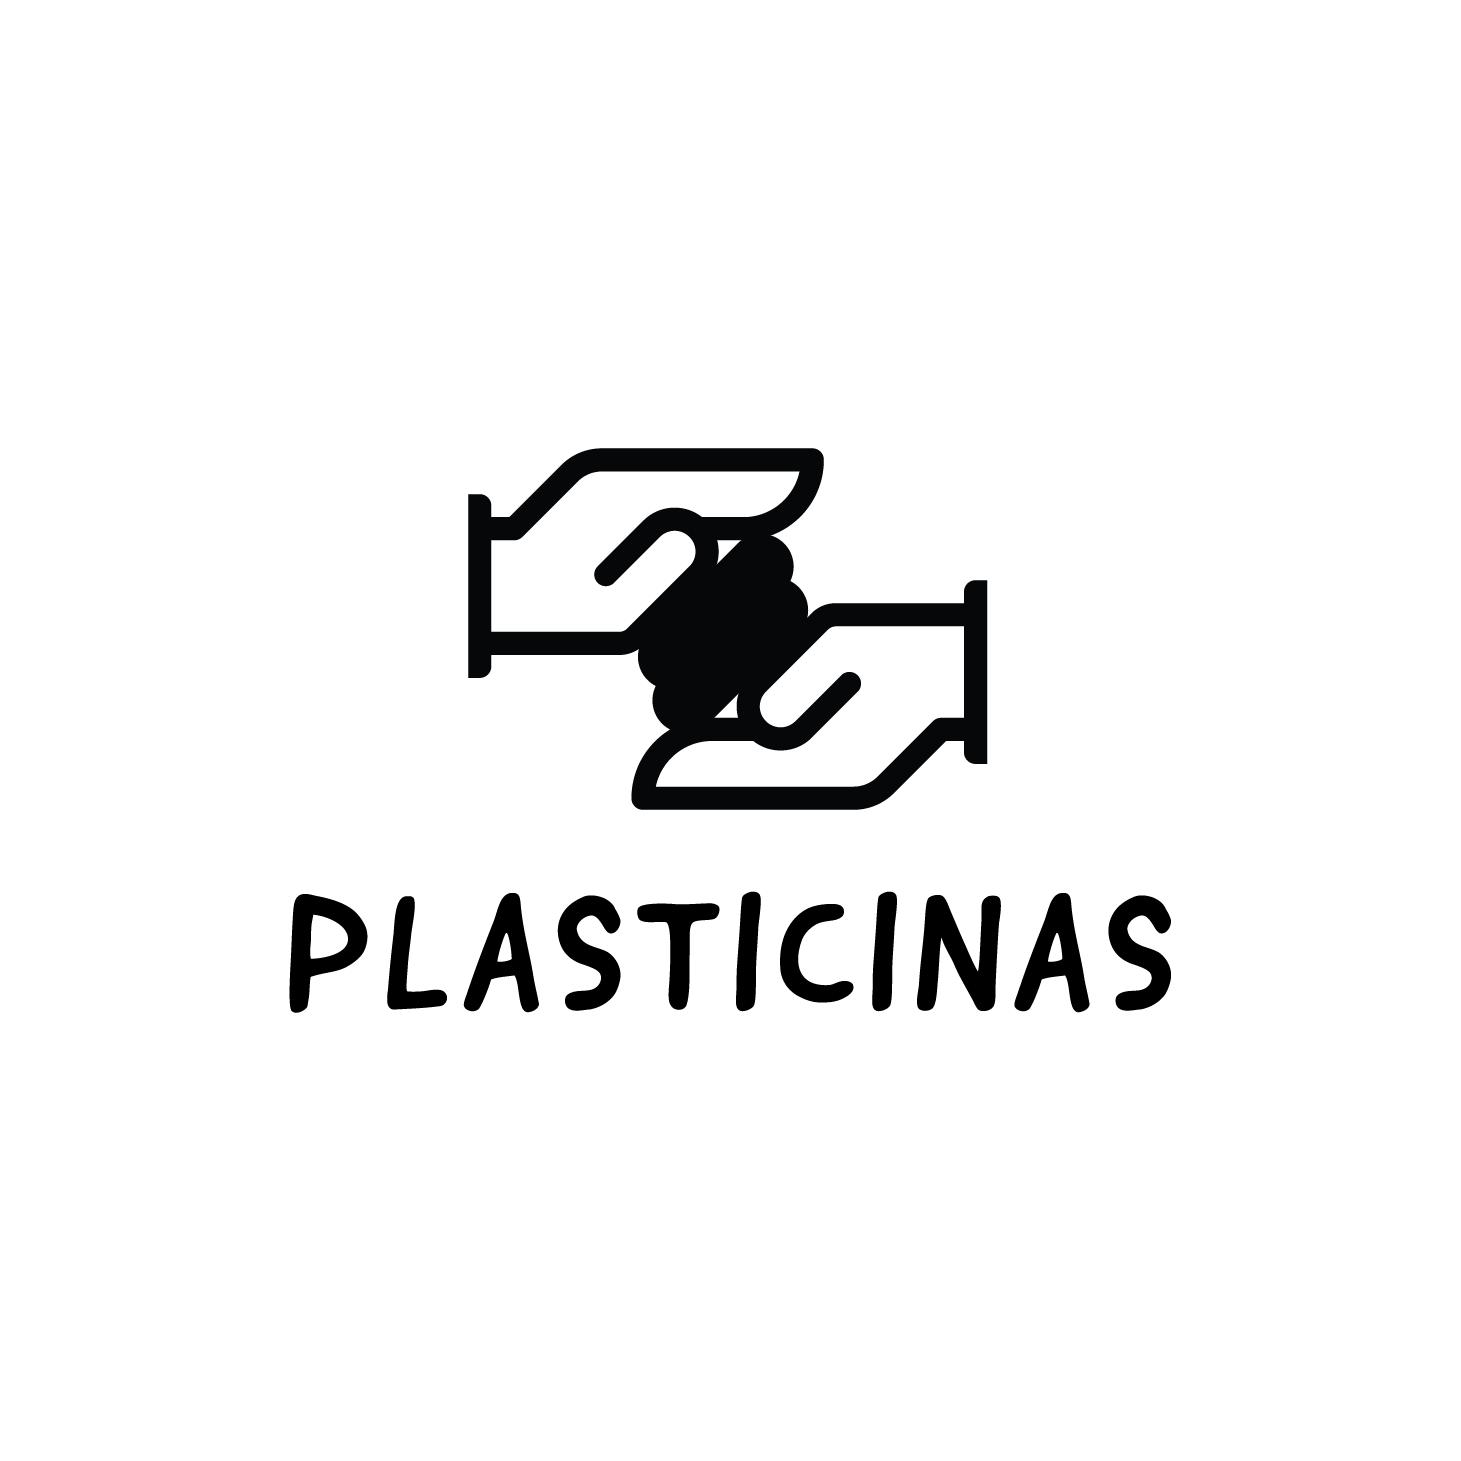 Plasticinas 01